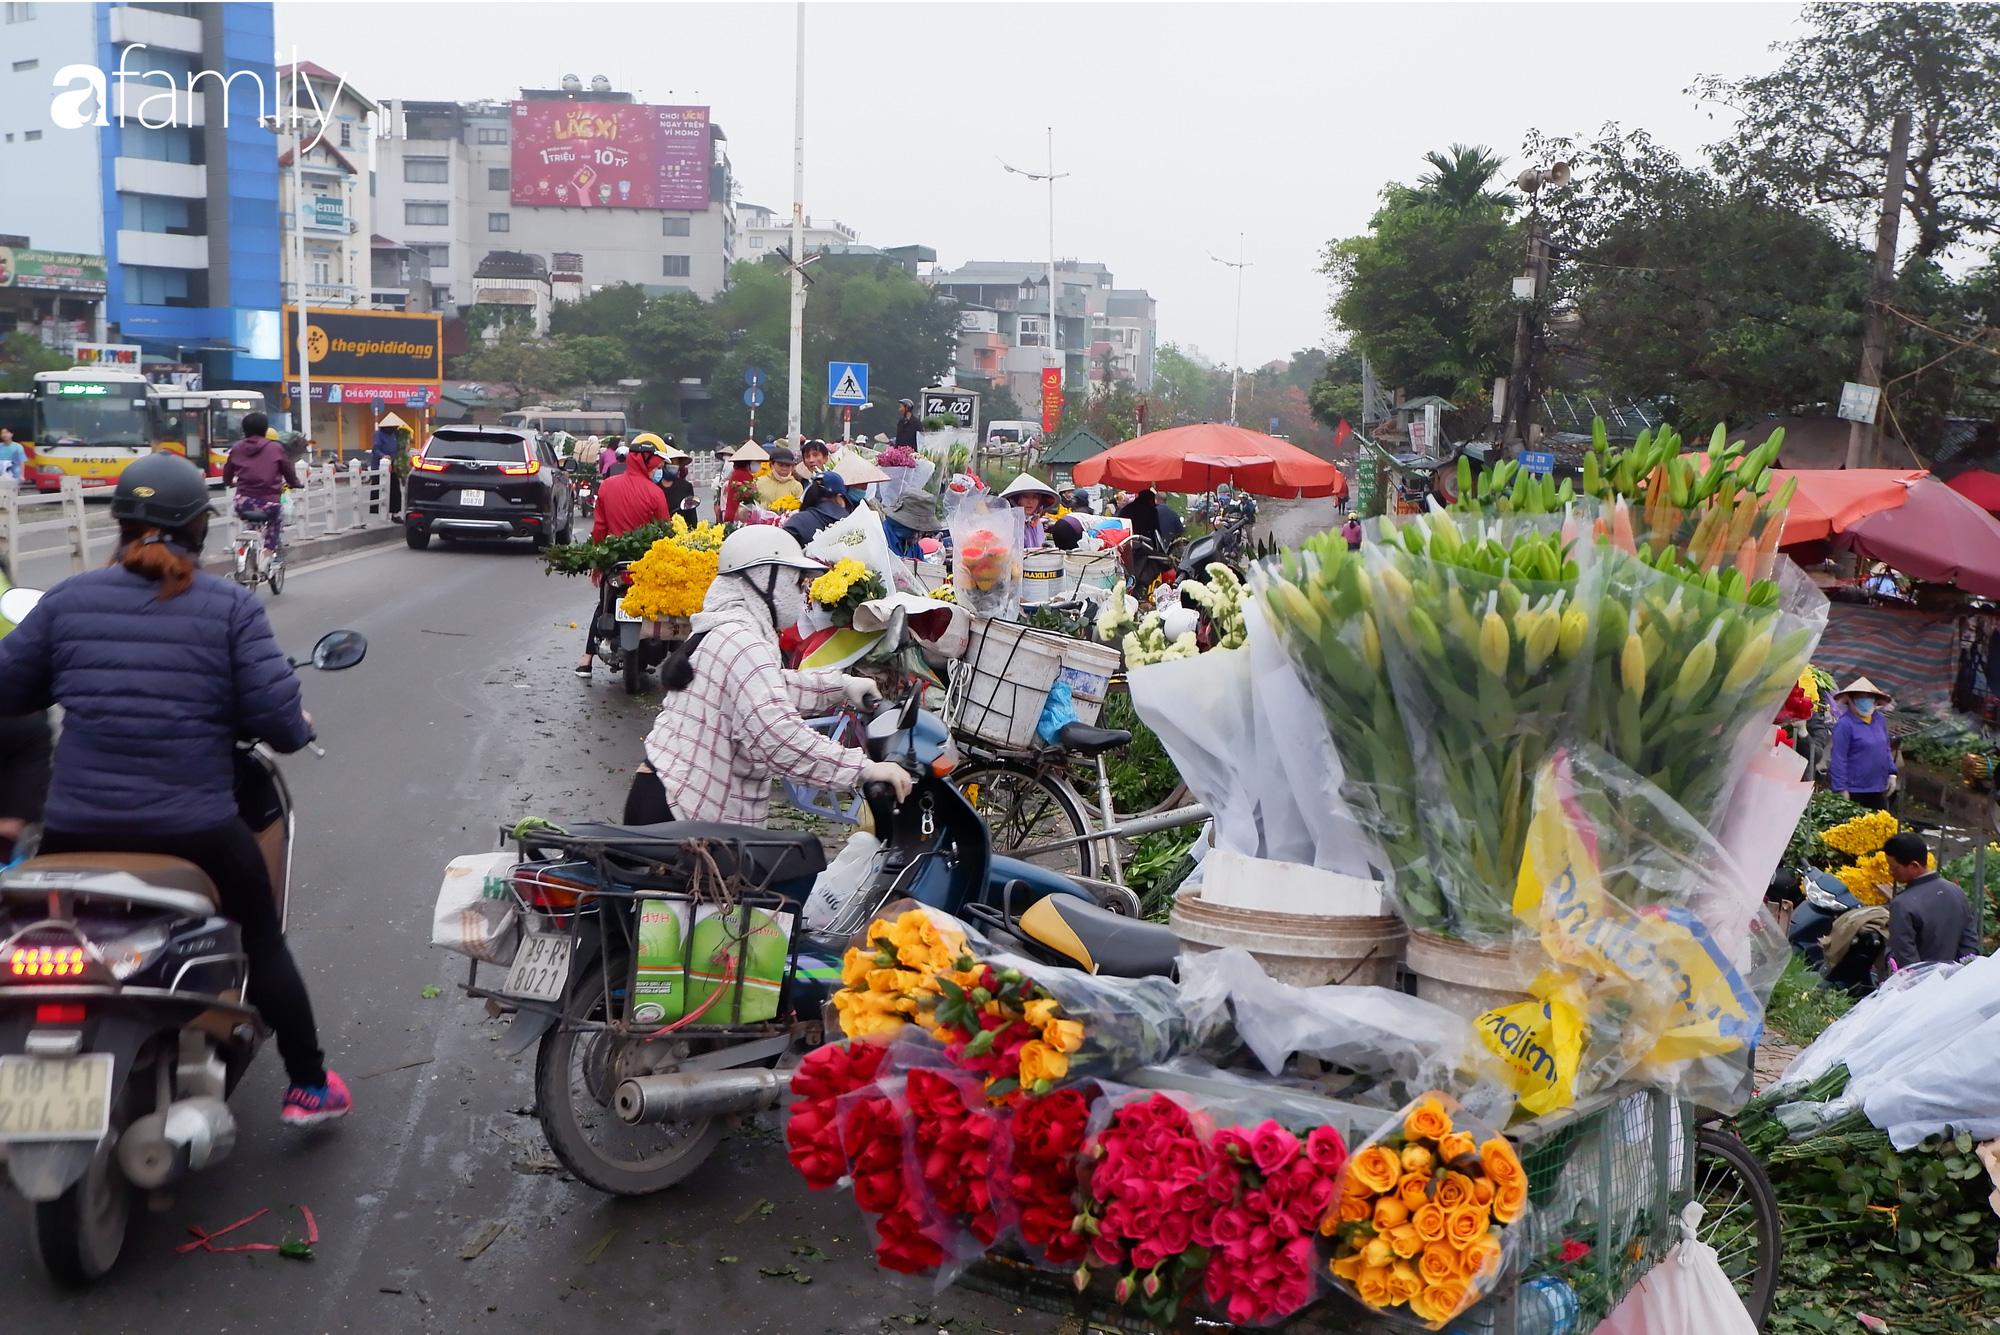 Tấp nập chợ hoa đêm Quảng An ngày Quốc tế Phụ nữ 8/3 - Ảnh 4.